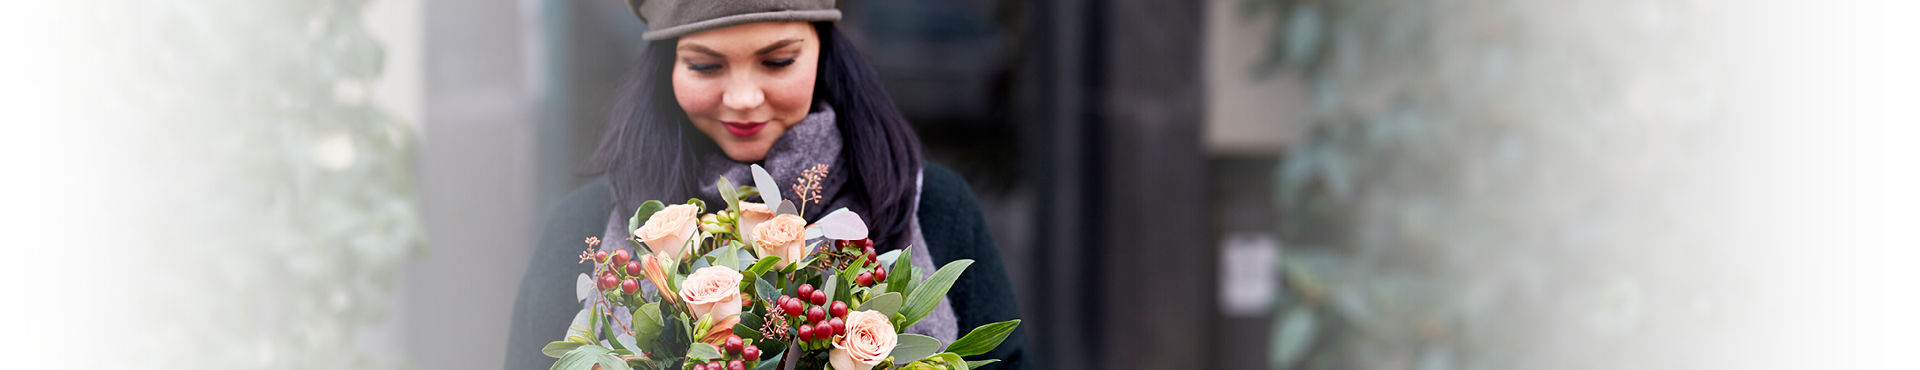 Send blomster med en personlig hilsen